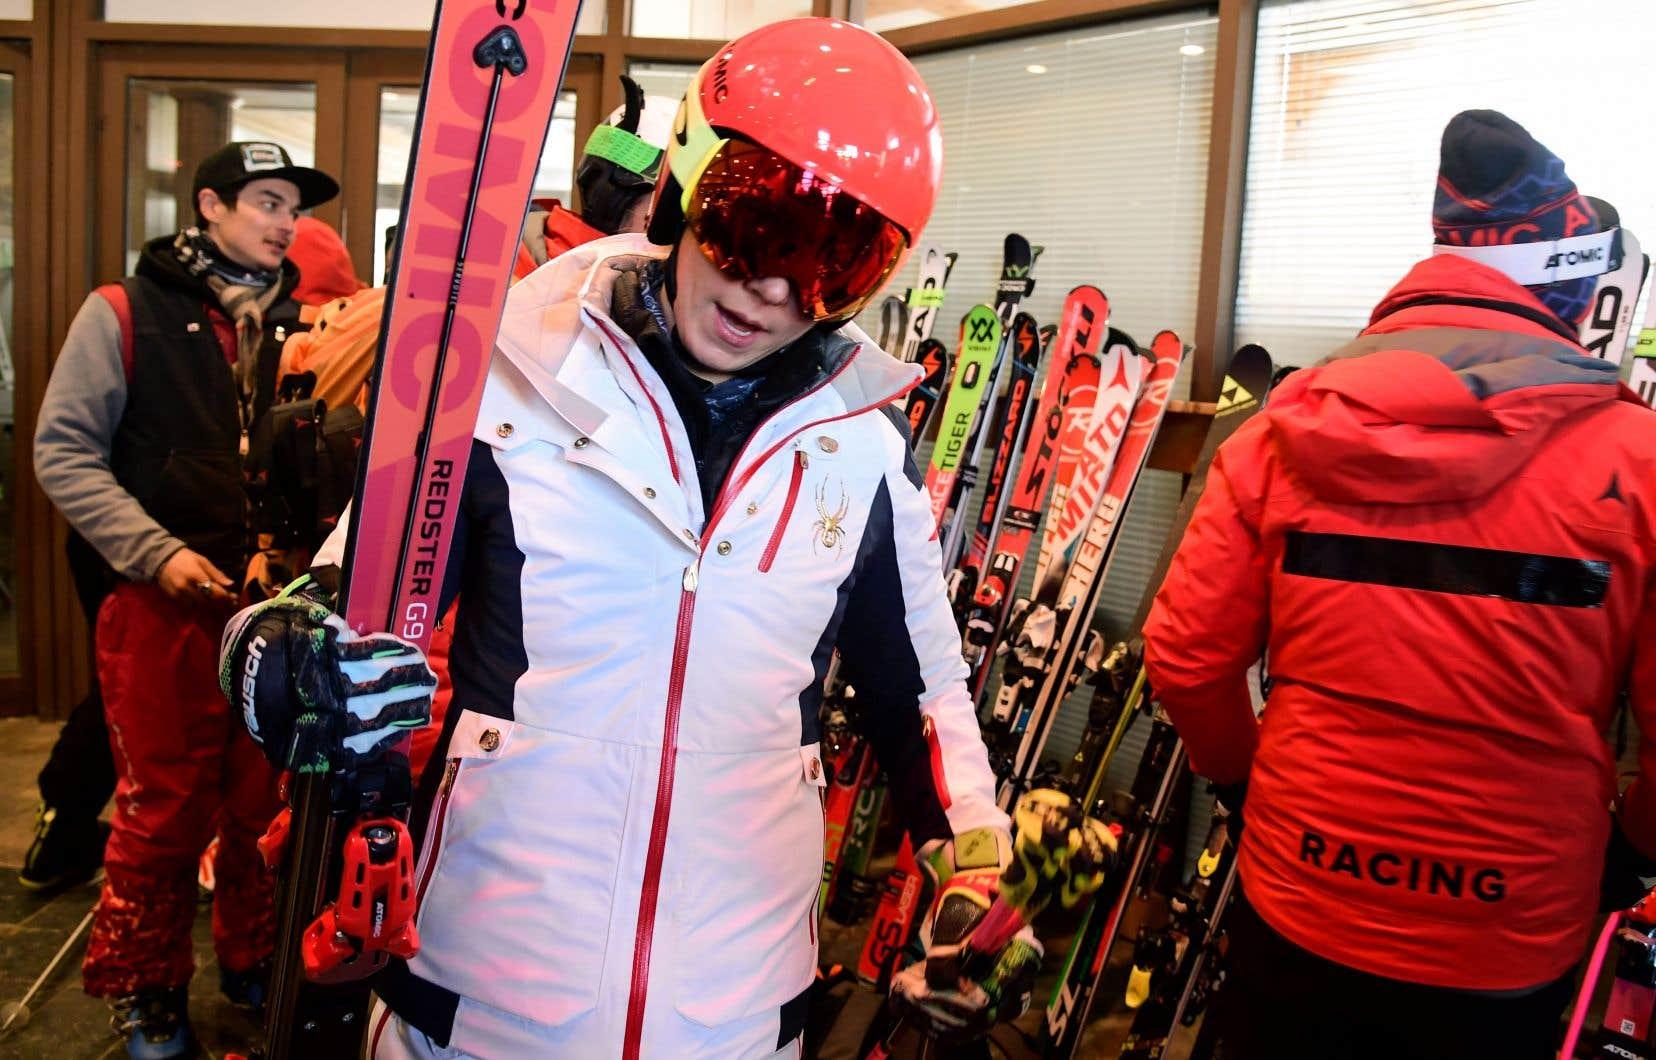 Comme les autres skieuses, l'Américaine Mikaela Shiffrin a &bs;dû retourner au village olympique sans avoir pu disputer le slalom géant dimanche soir, heure du Québec. L'épreuve a été reportée à jeudi en raison des forts vents.